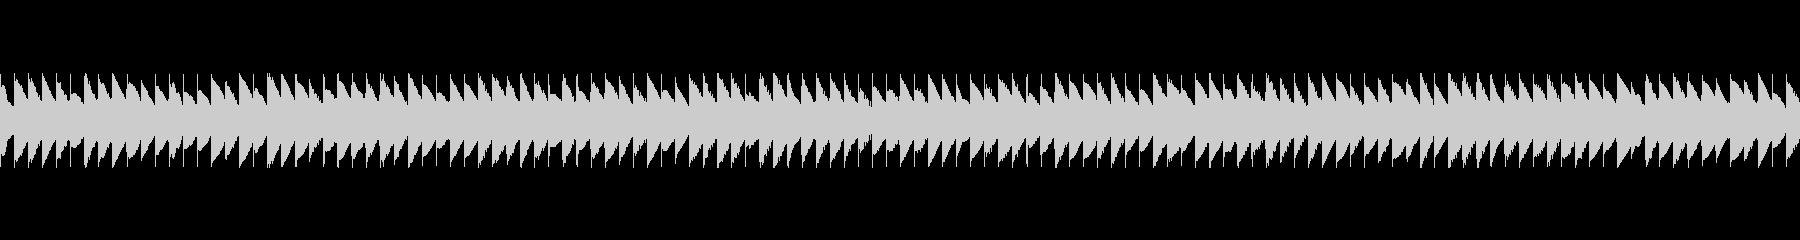 「ピコピコ」故障してバグった機械の音の未再生の波形